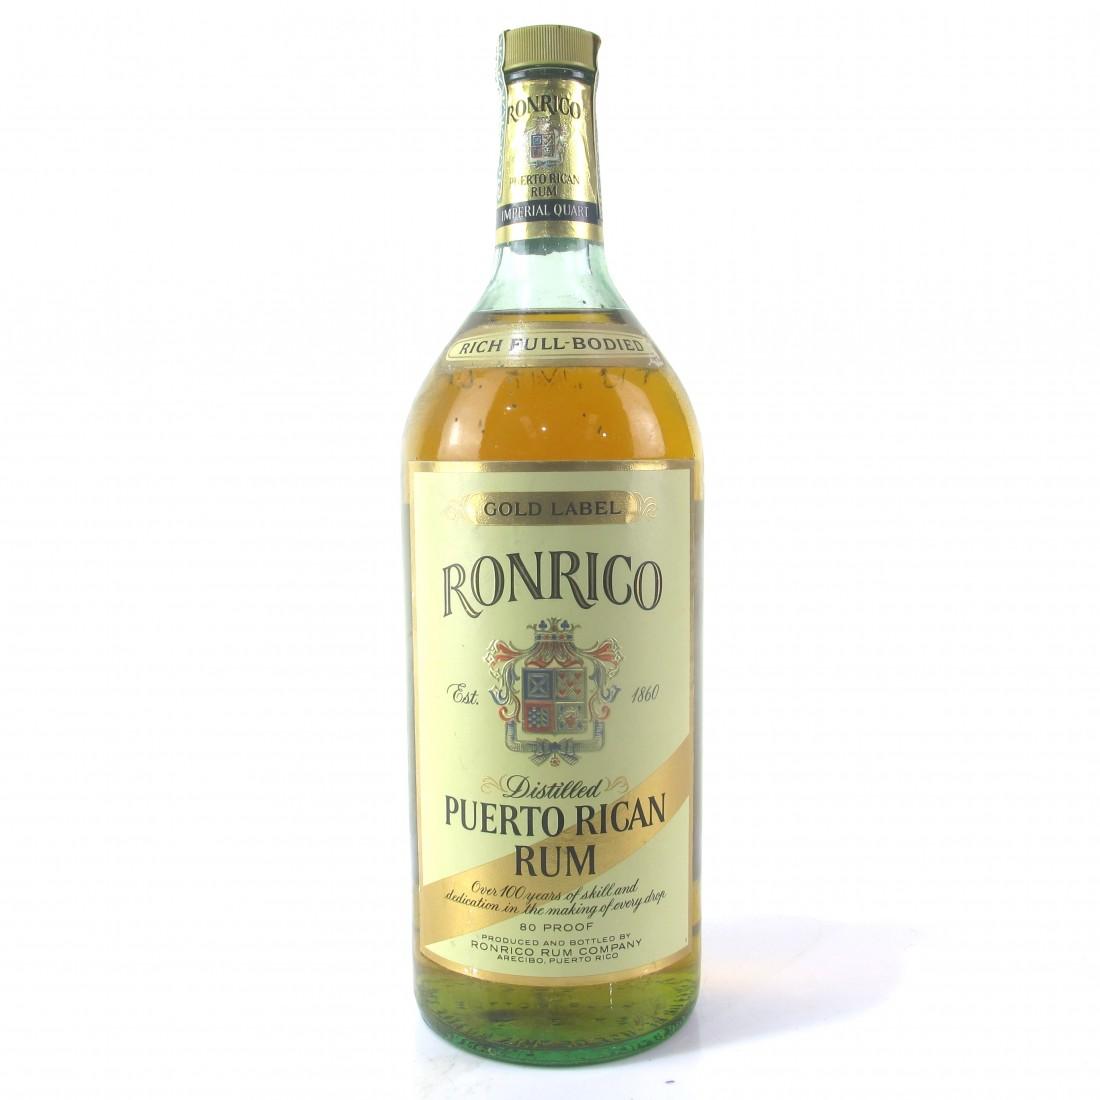 Ronrico Gold Label Puerto Rican Rum 1 Quart 1980s